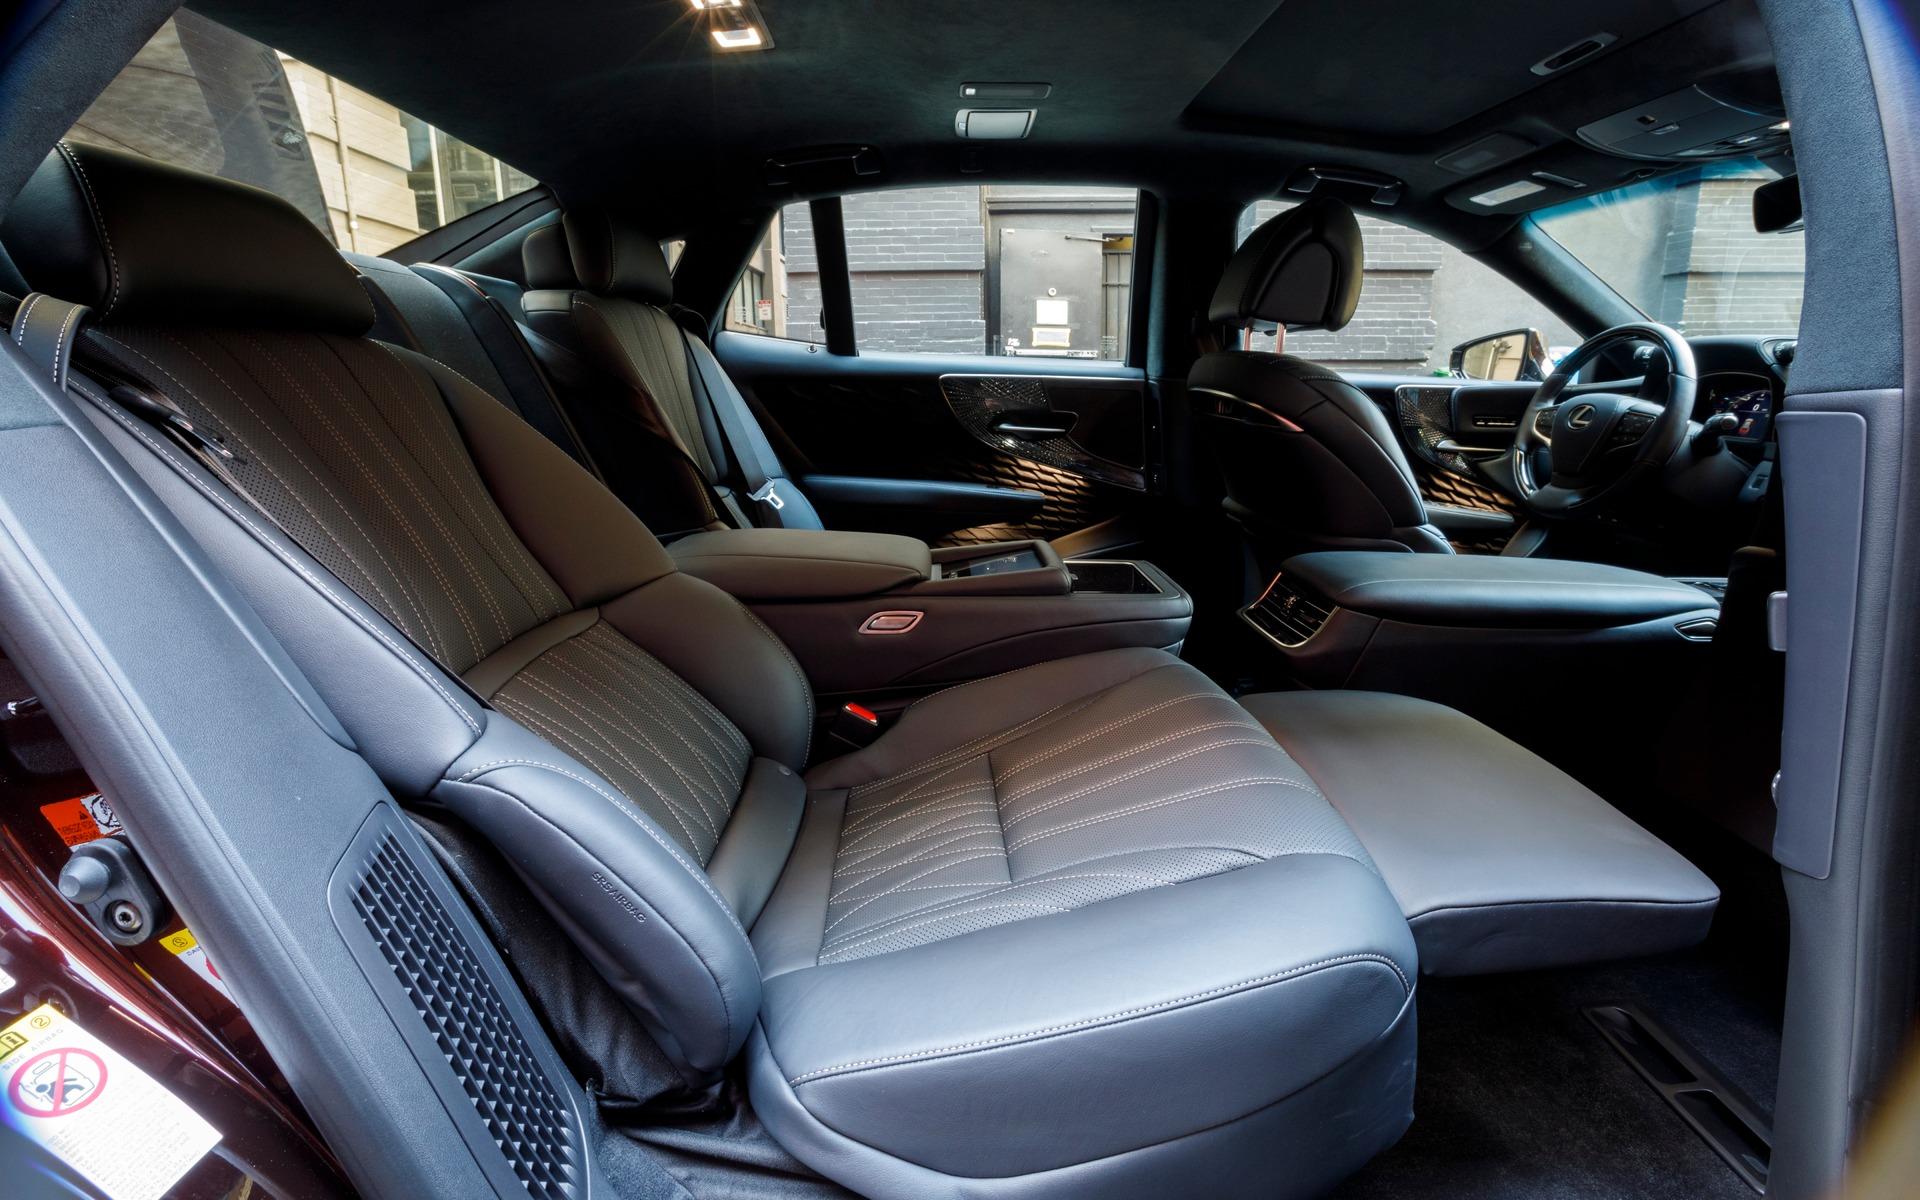 Lexus Interior >> 2018 Lexus LS 500h and LS 500 F SPORT: More is Less - 7/22